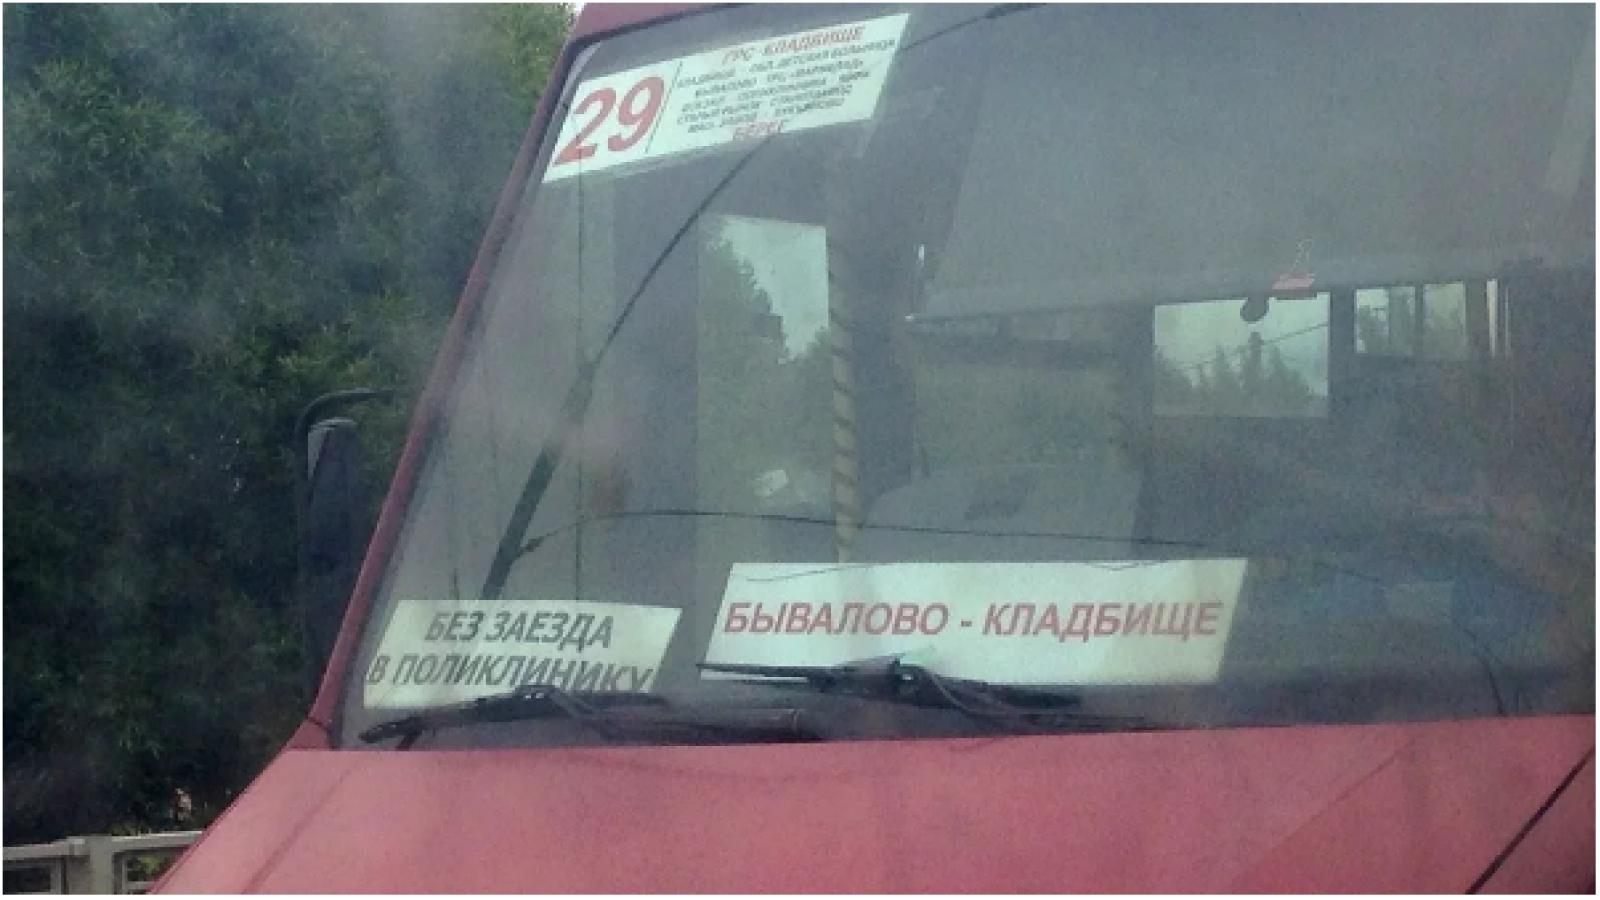 Автобус № 29 оправдал свой «уникальный» маршрут